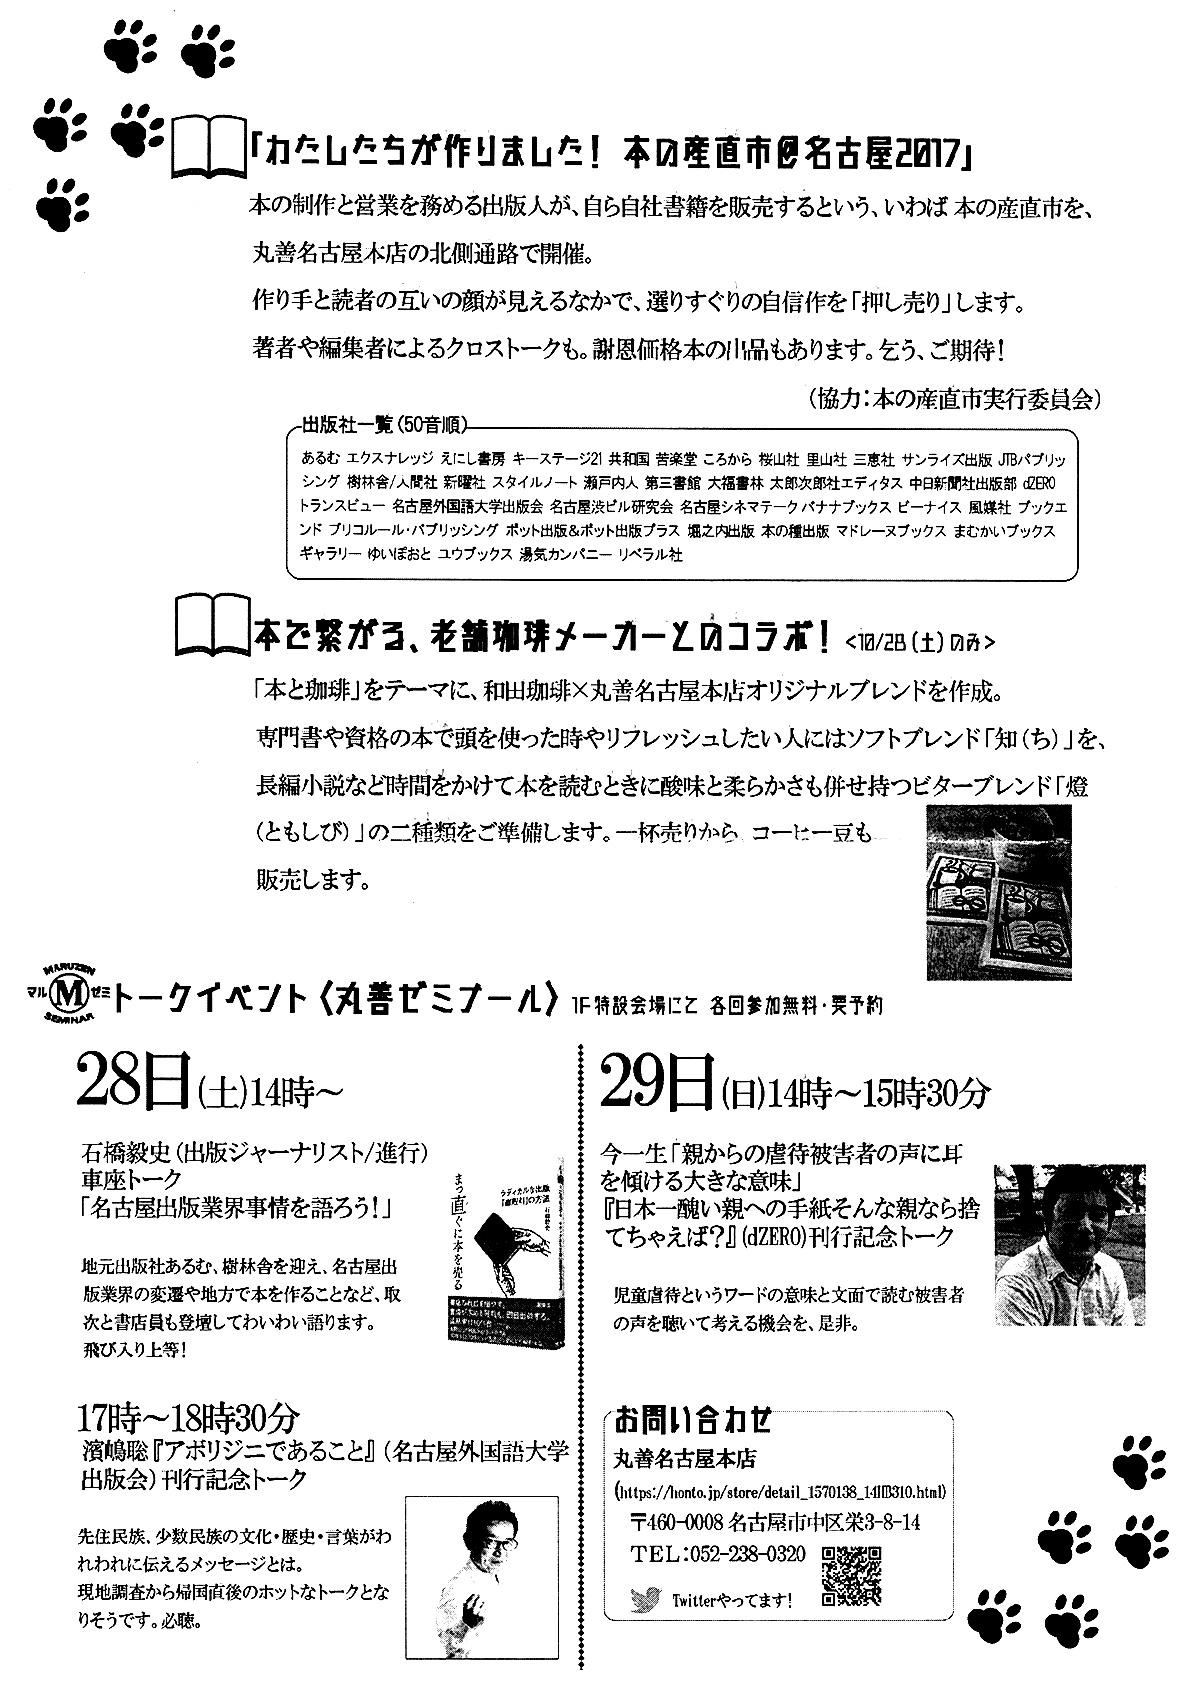 171029_18403692.jpg